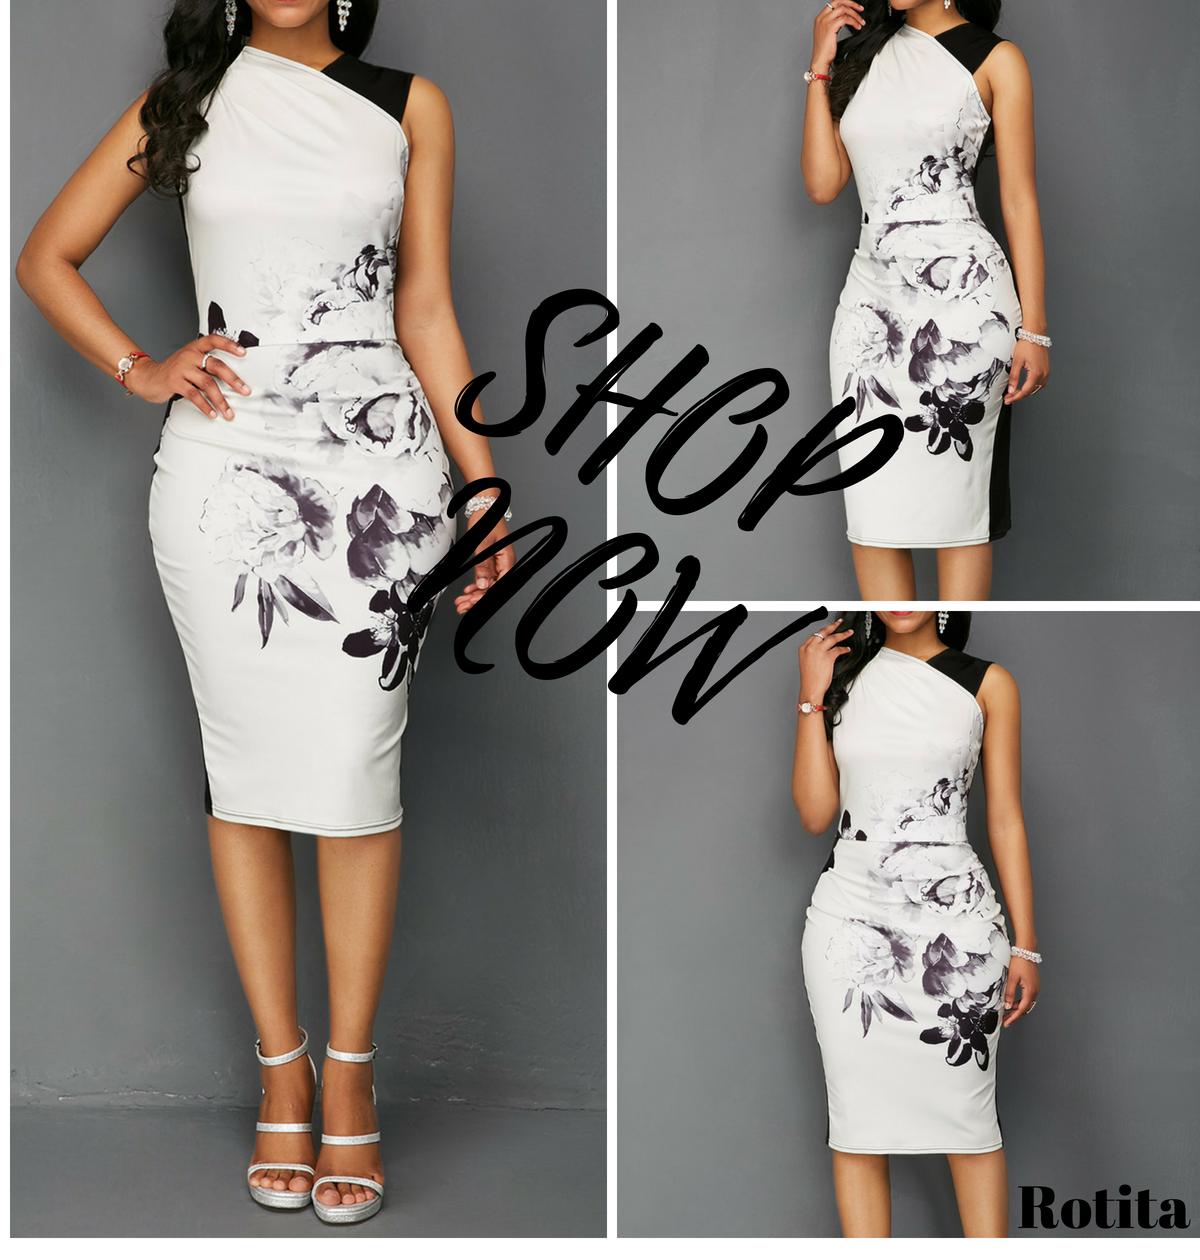 21c46b3b6d4 Flower Print Sleeveless High Waist Dress